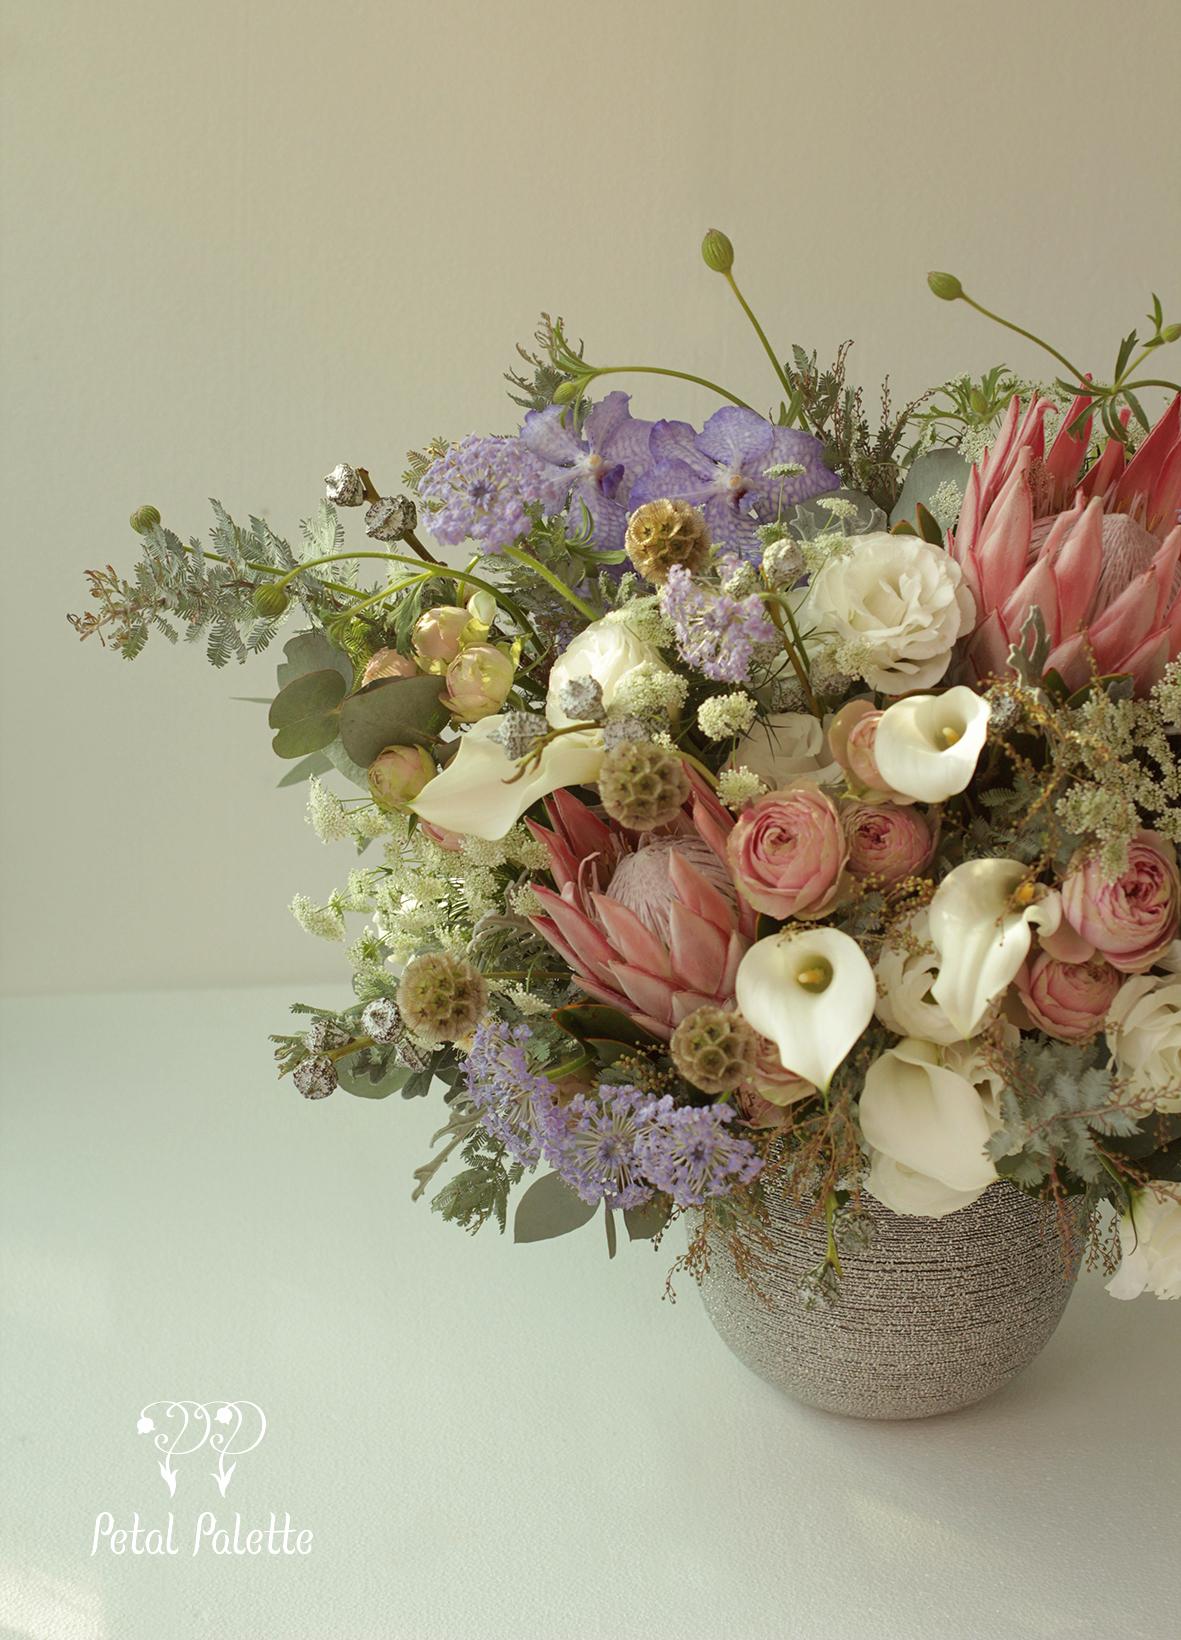 Luxury birthday floral vase arrangement delivery korea florist luxury birthday floral vase arrangement delivery korea florist izmirmasajfo